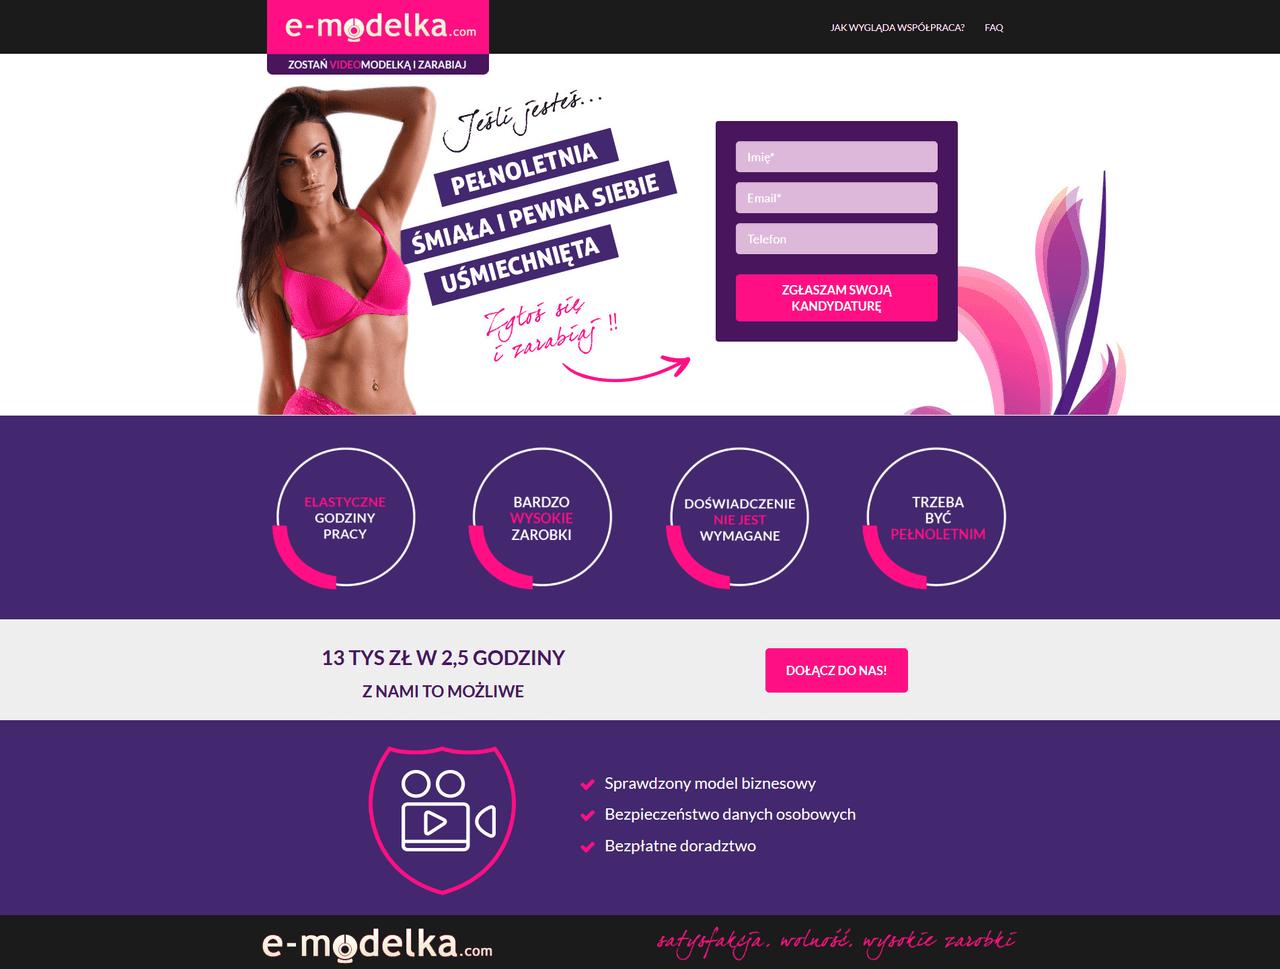 Portfolio e-modelka.com